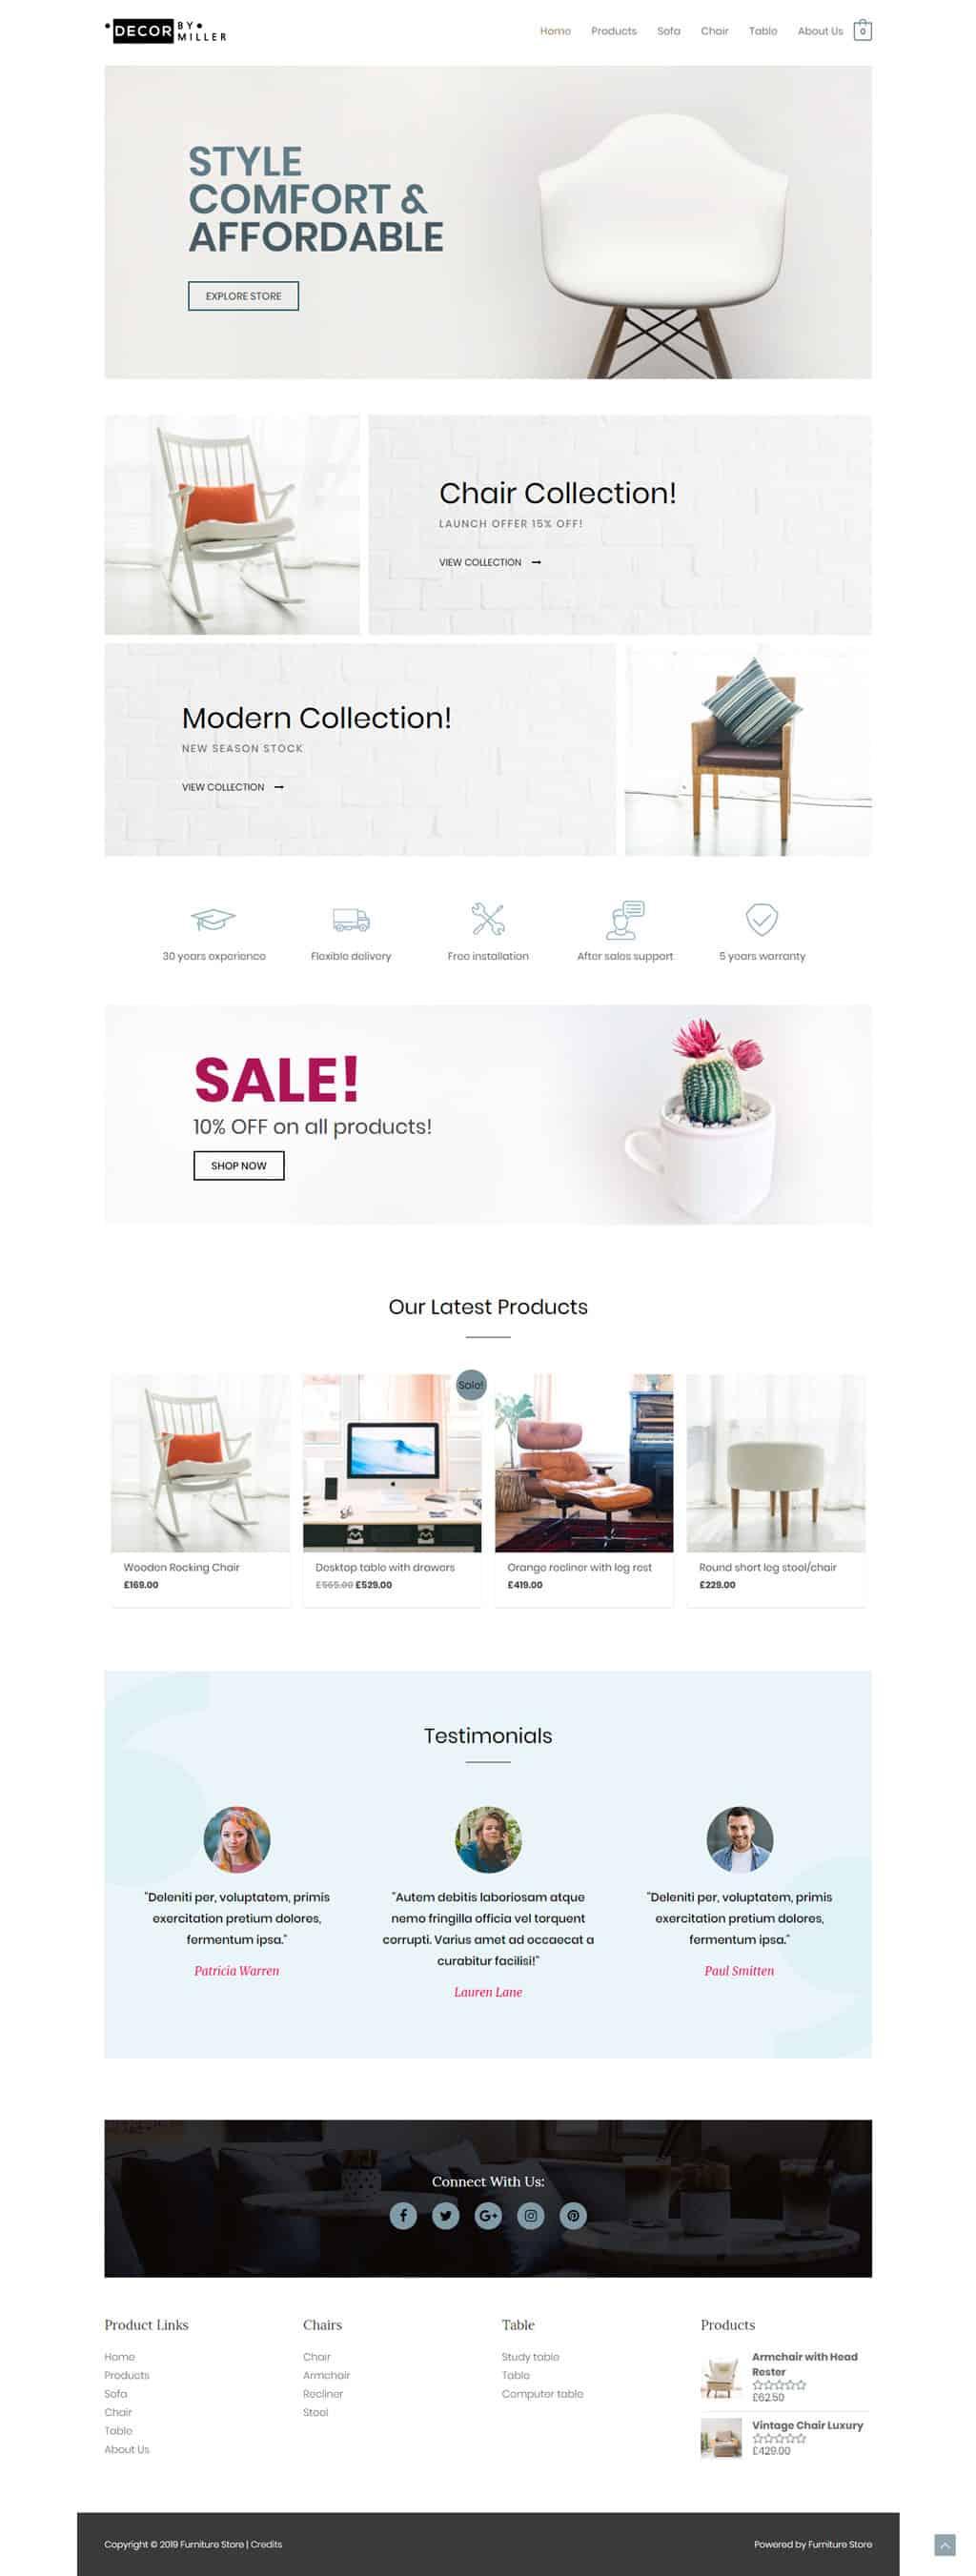 furniture-store-04-1